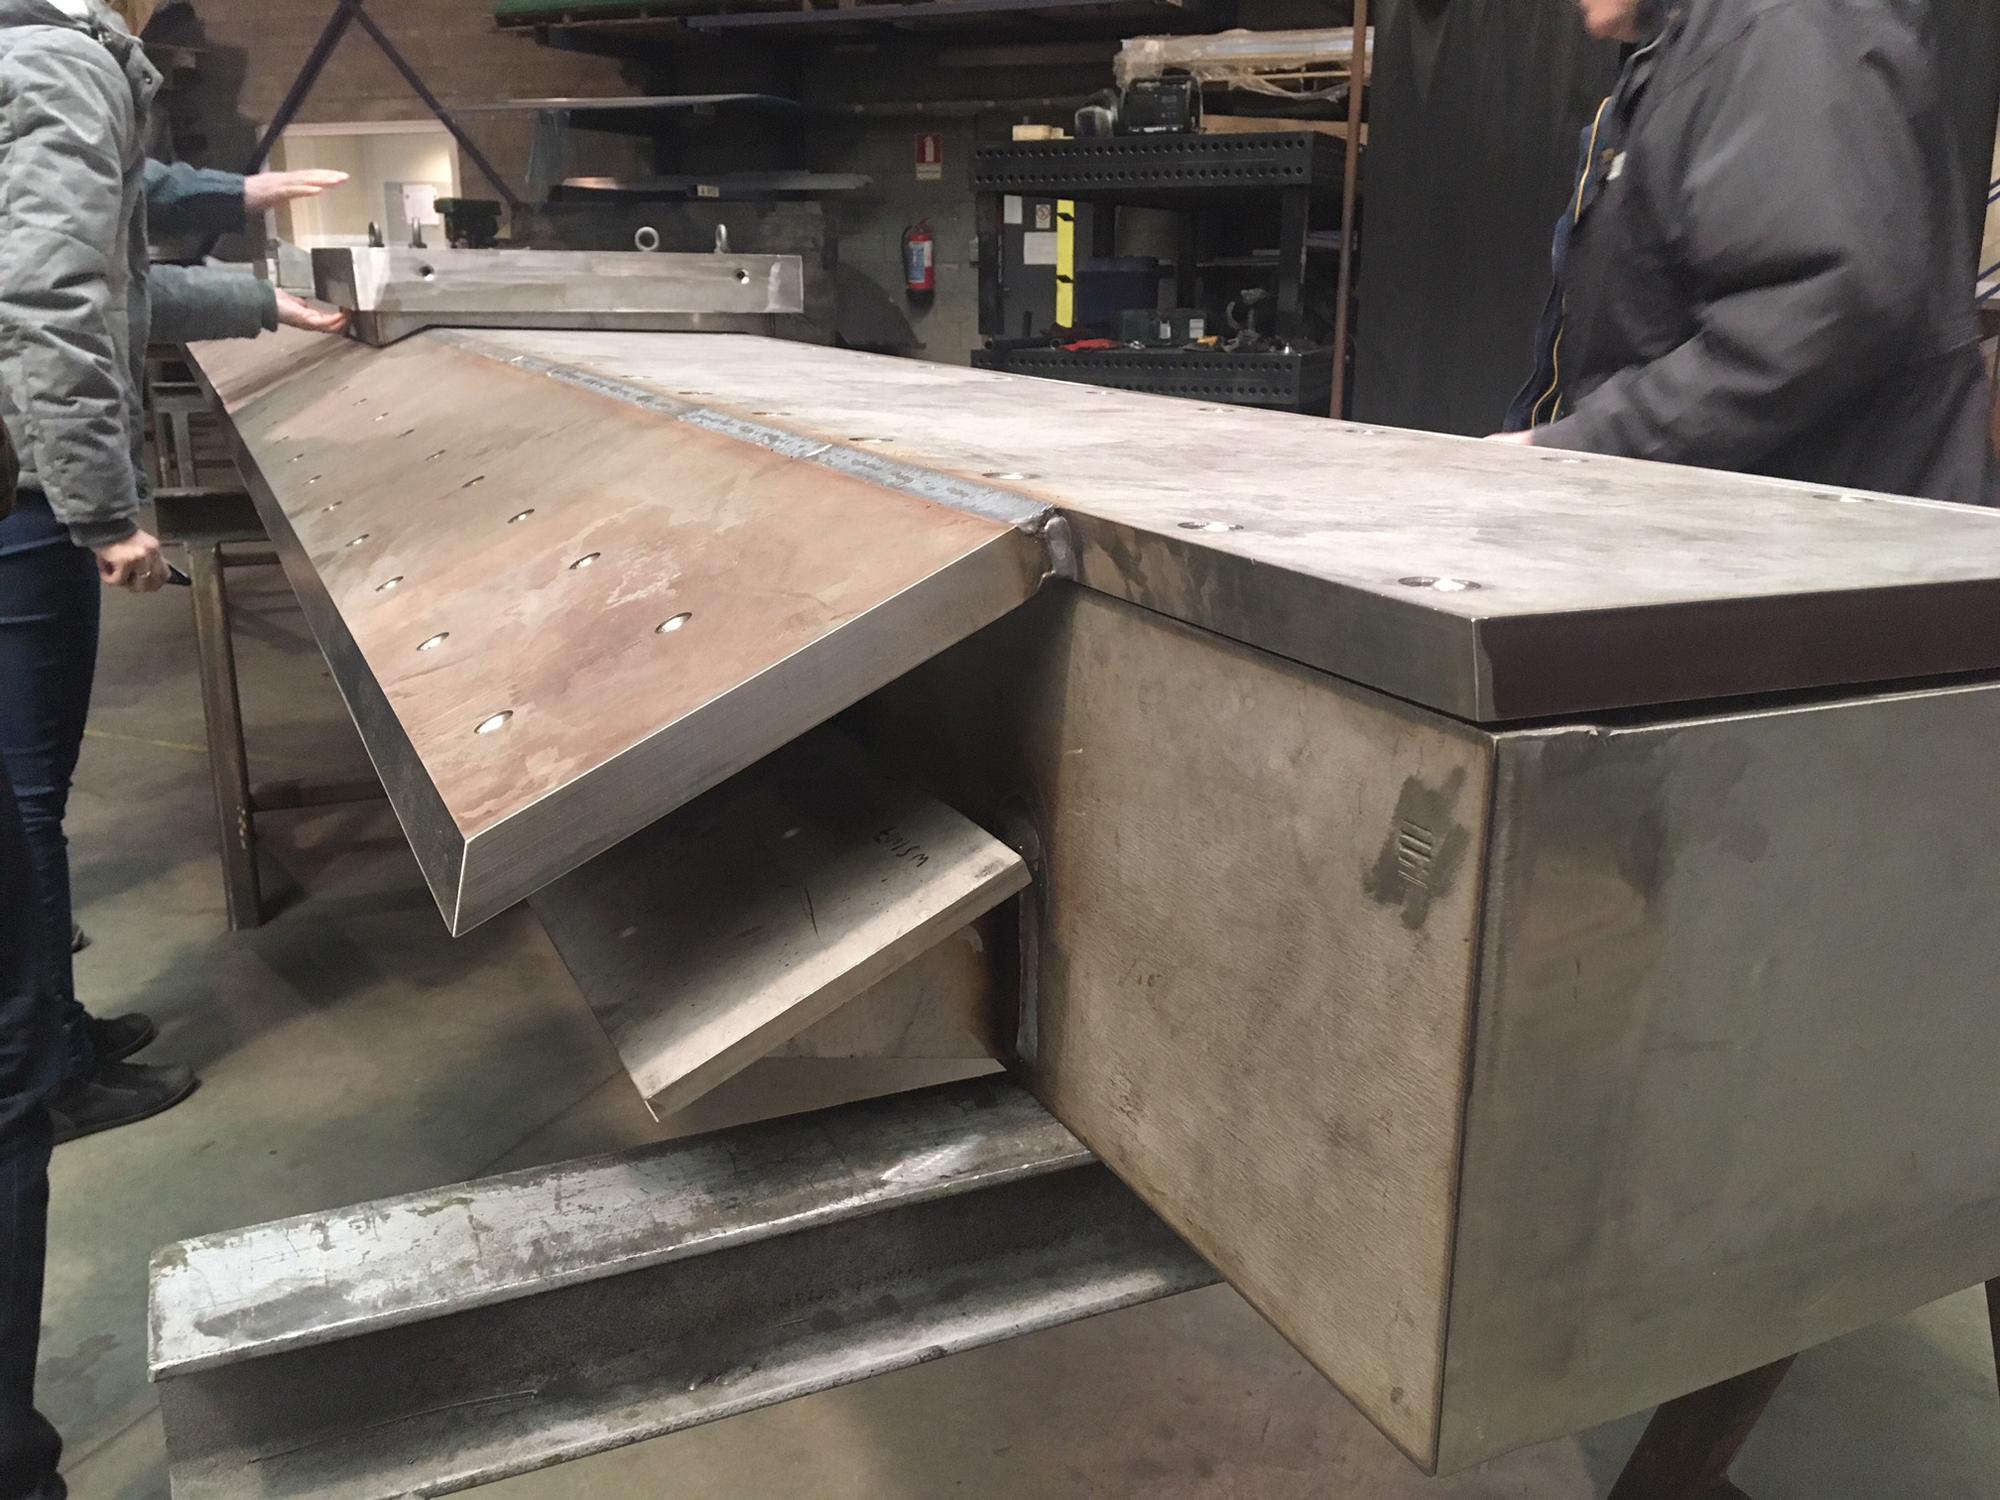 Roestvrijstalen balk in atelier van firma Verhofste nv. in Zele